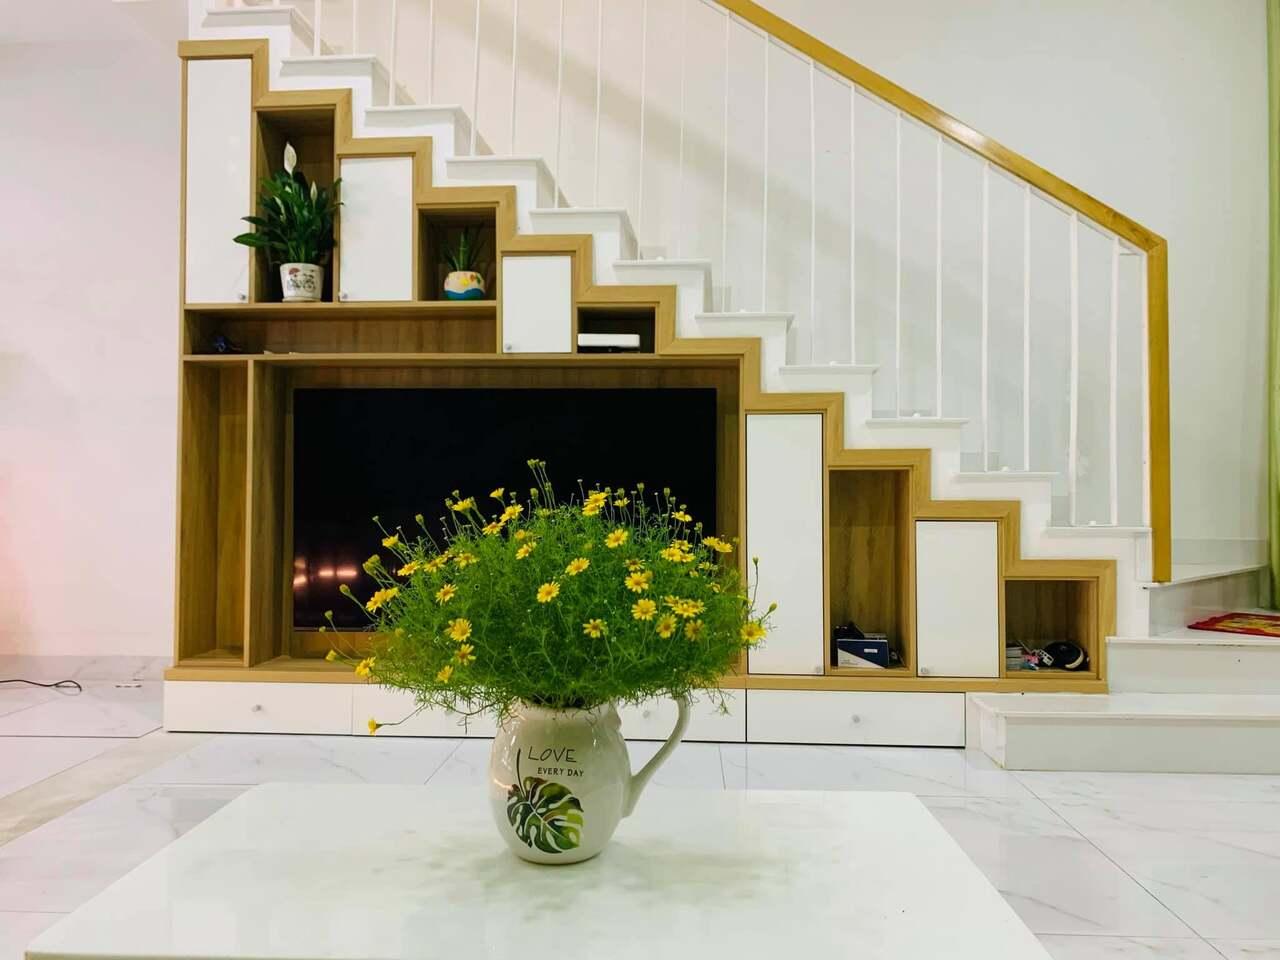 Cầu thang phòng khách đặt sát tường để tối ưu không gian phòng khách